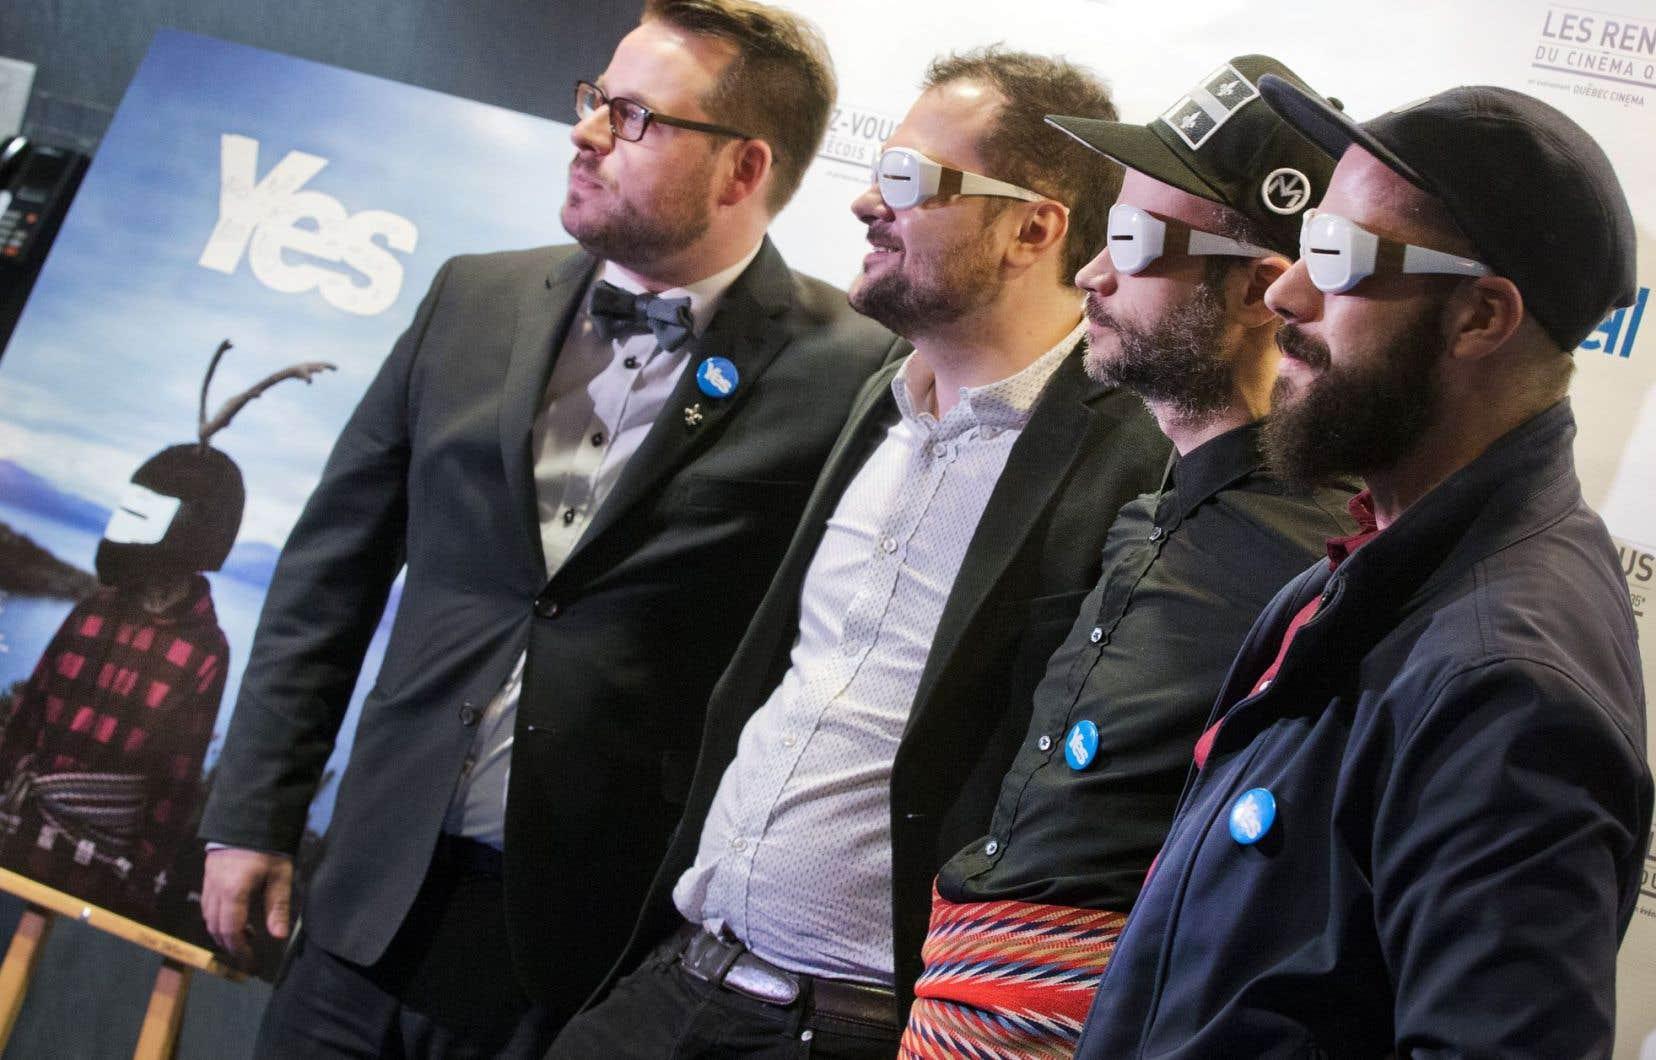 Dans «Yes», les documentaristes Félix Rose (deuxième à partir de la gauche) et Eric Piccoli (à droite) ont suivi Simon Beaudry (deuxième à partir de la droite) et Samuel Bergeron (à gauche) en Écosse dans les semaines précédant le référendum sur l'indépendance en 2014.